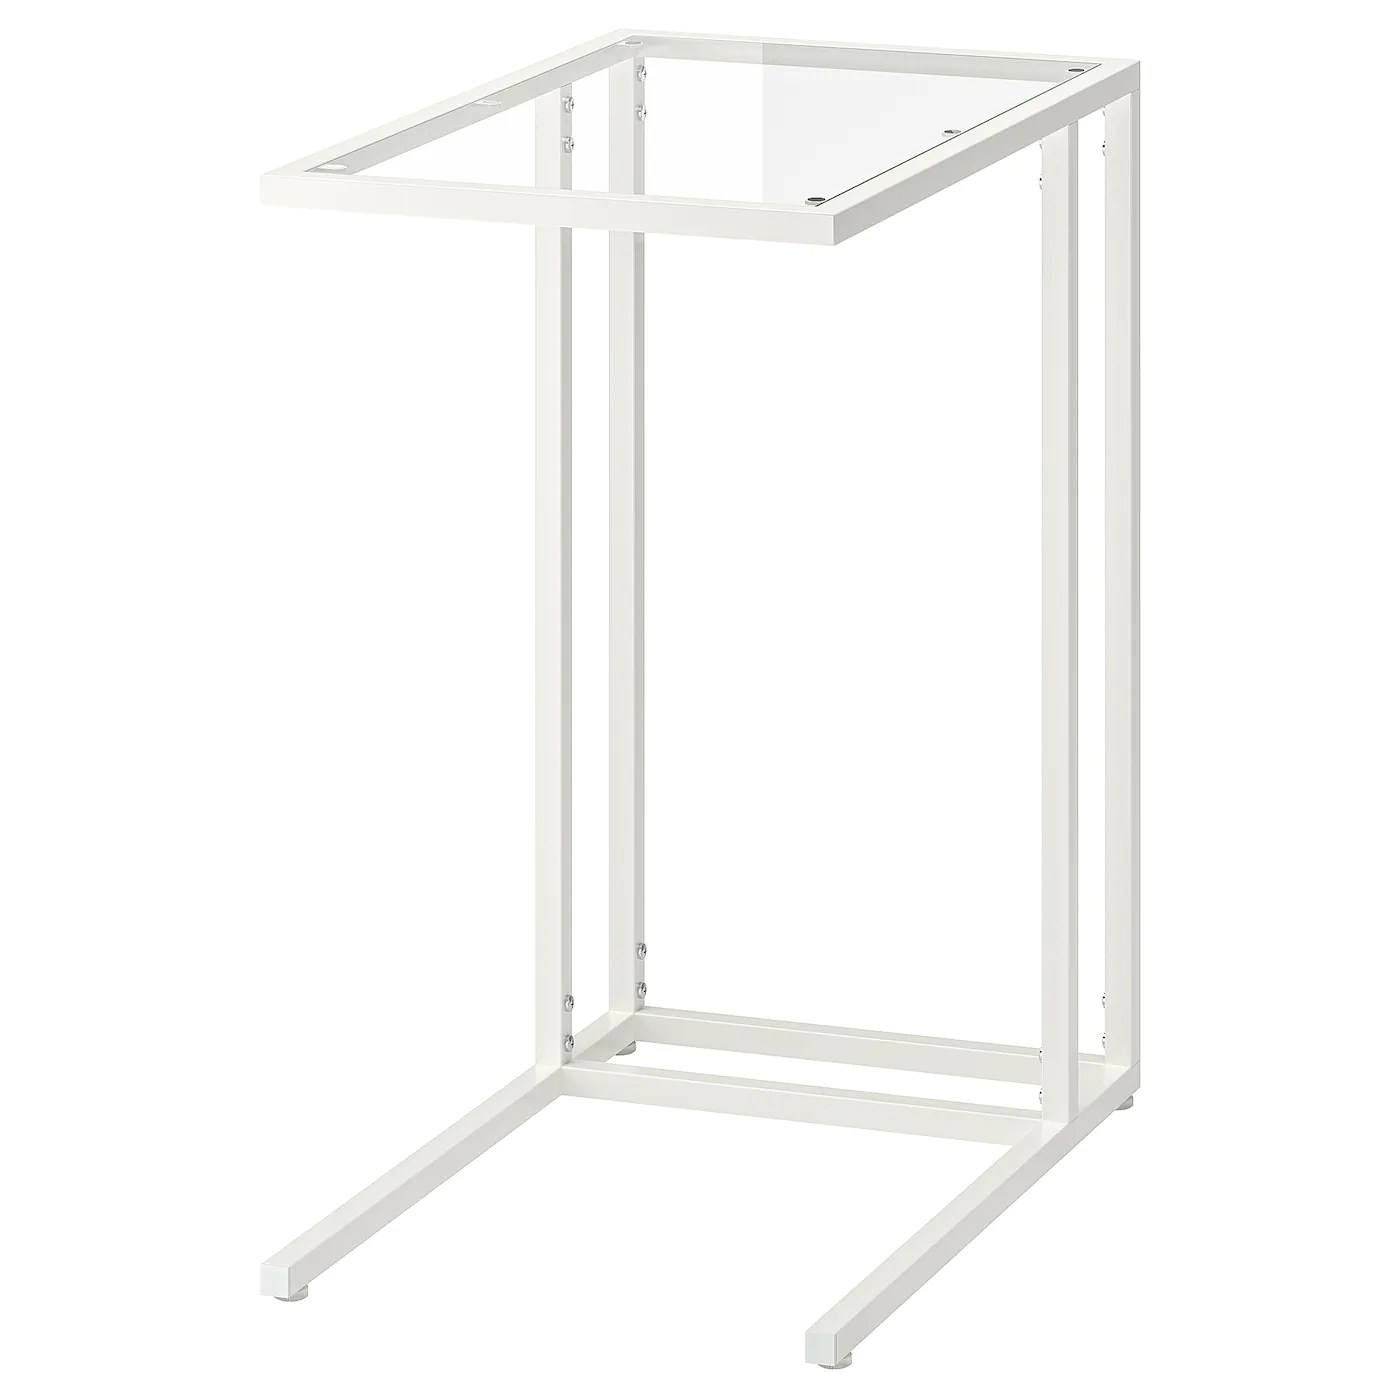 Vittsjo Table Pour Ordinateur Portable Blanc Verre 35x65 Cm Ikea Suisse